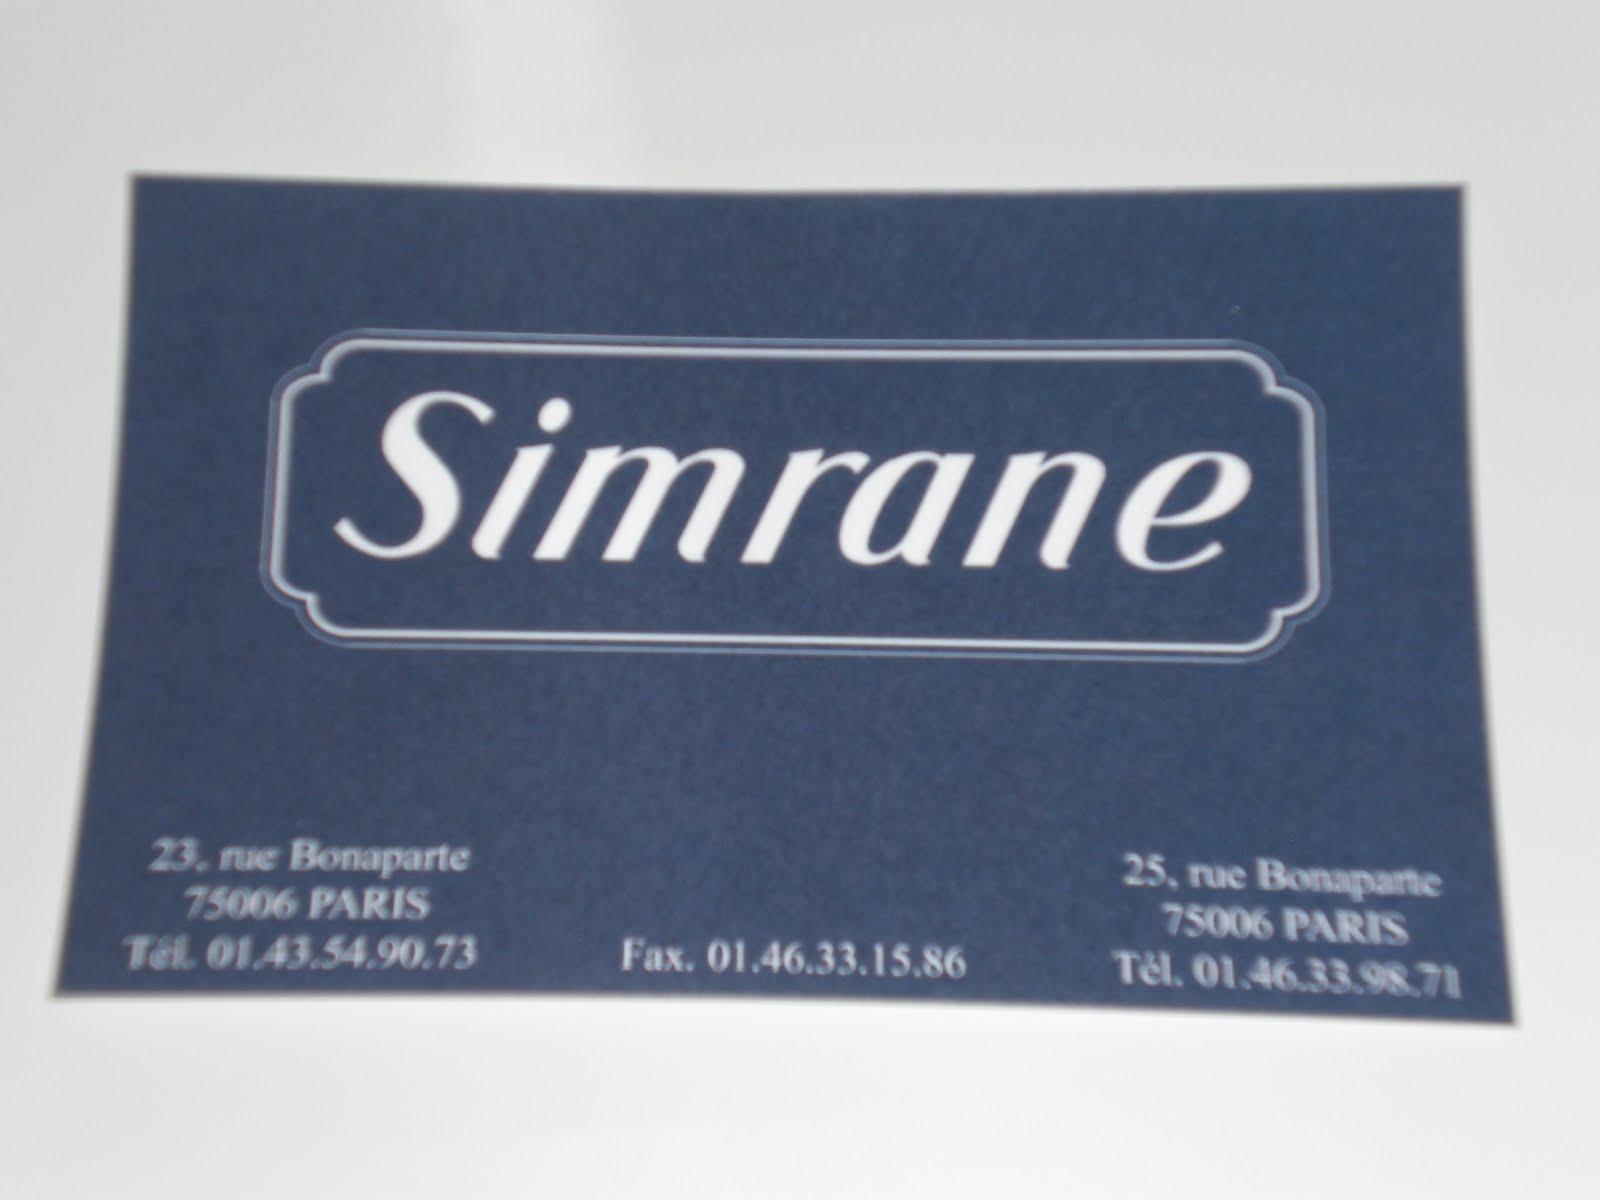 12dd0b3fe Shopping at Simrane in Paris